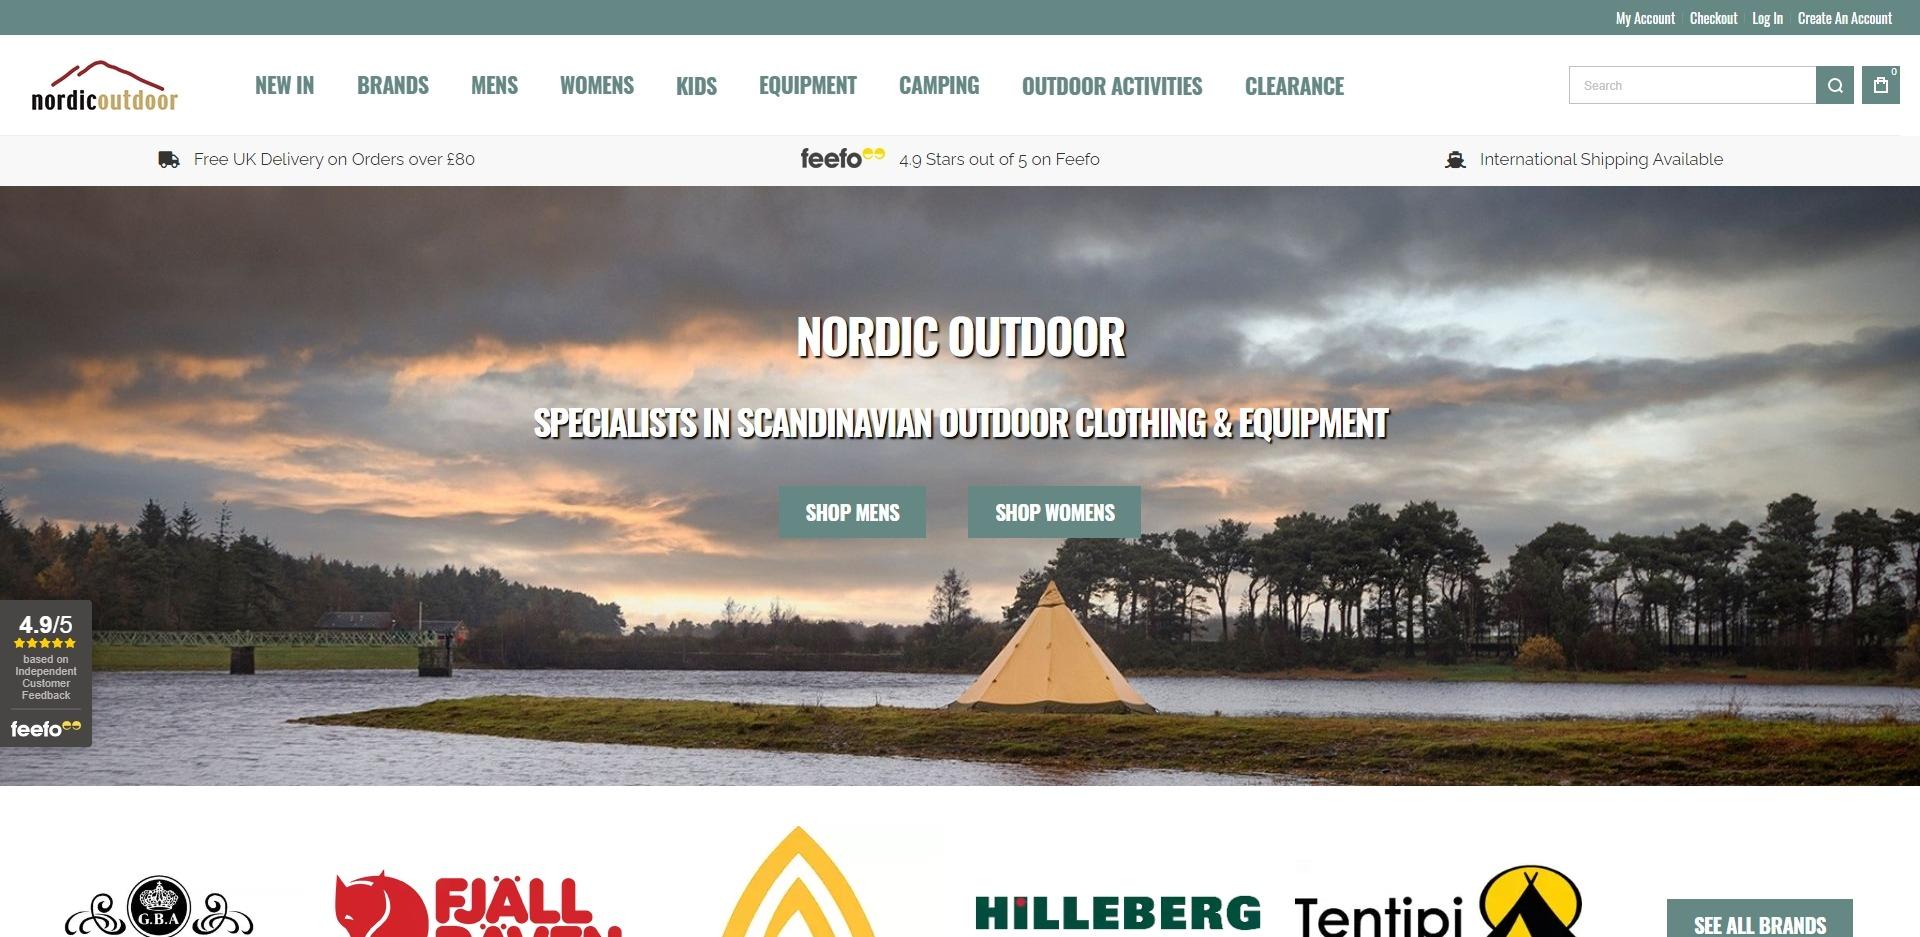 Nordic Outdoor Homepage Website Development